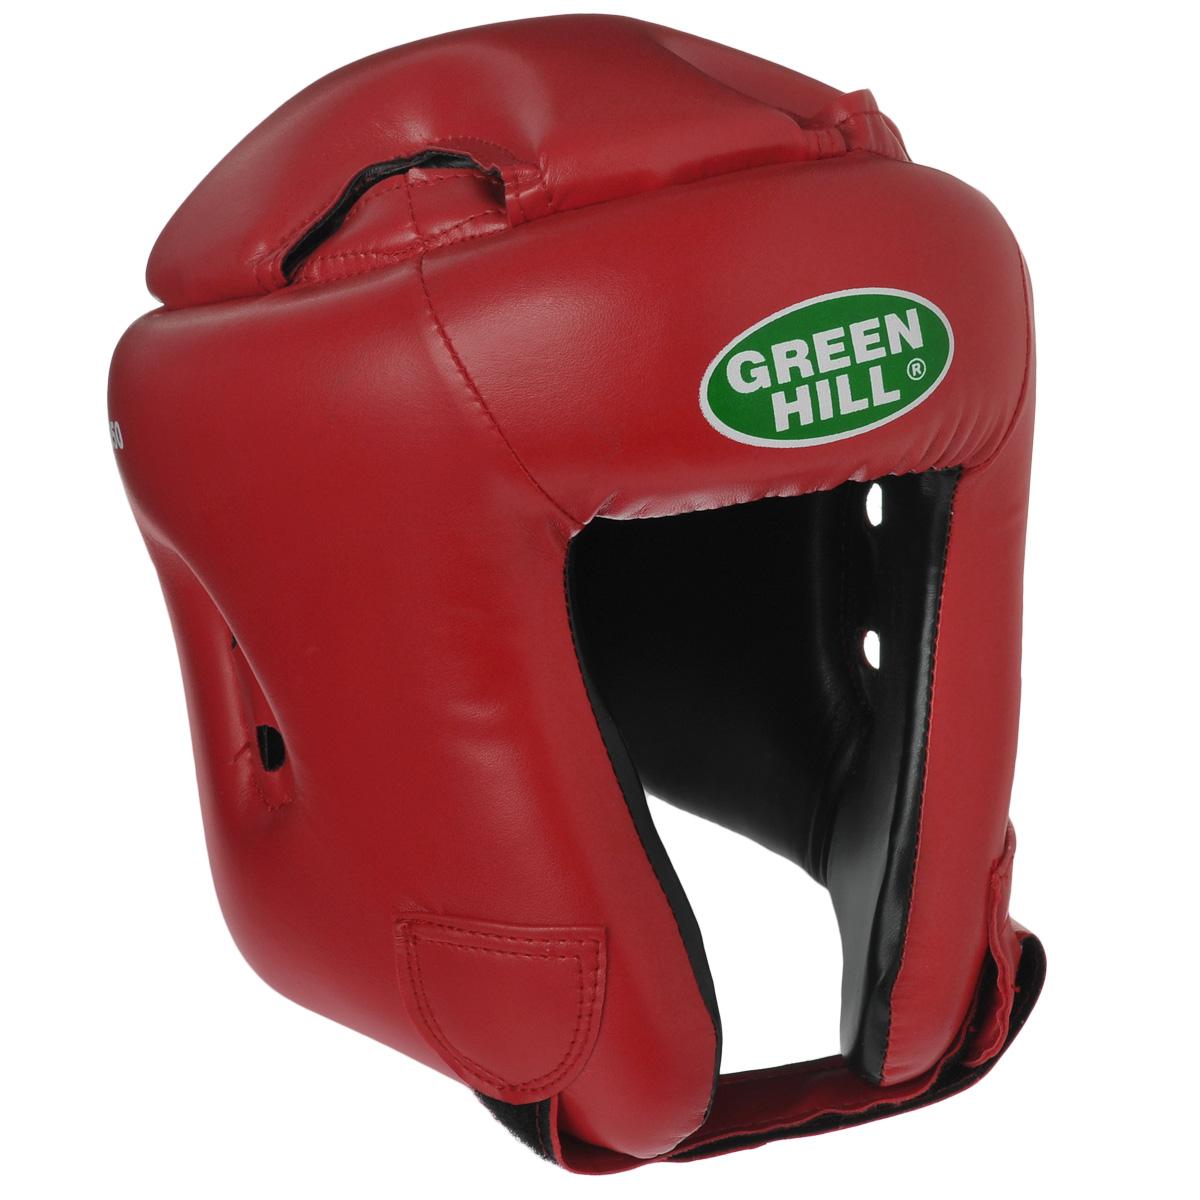 Шлем боксерский Green Hill Brave, цвет: красный. Размер L (57-60 см)adiBHG02Шлем Green Hill Brave с усиленной защитой теменной области предназначен для занятий боксом и кикбоксингом. Подходит для тренировок и соревнований. Крепления сзади на резинке и под подбородком на липучке крепко удерживают шлем на голове. Верх выполнен из высококачественного кожзаменителя, подкладка из искусственной замши.